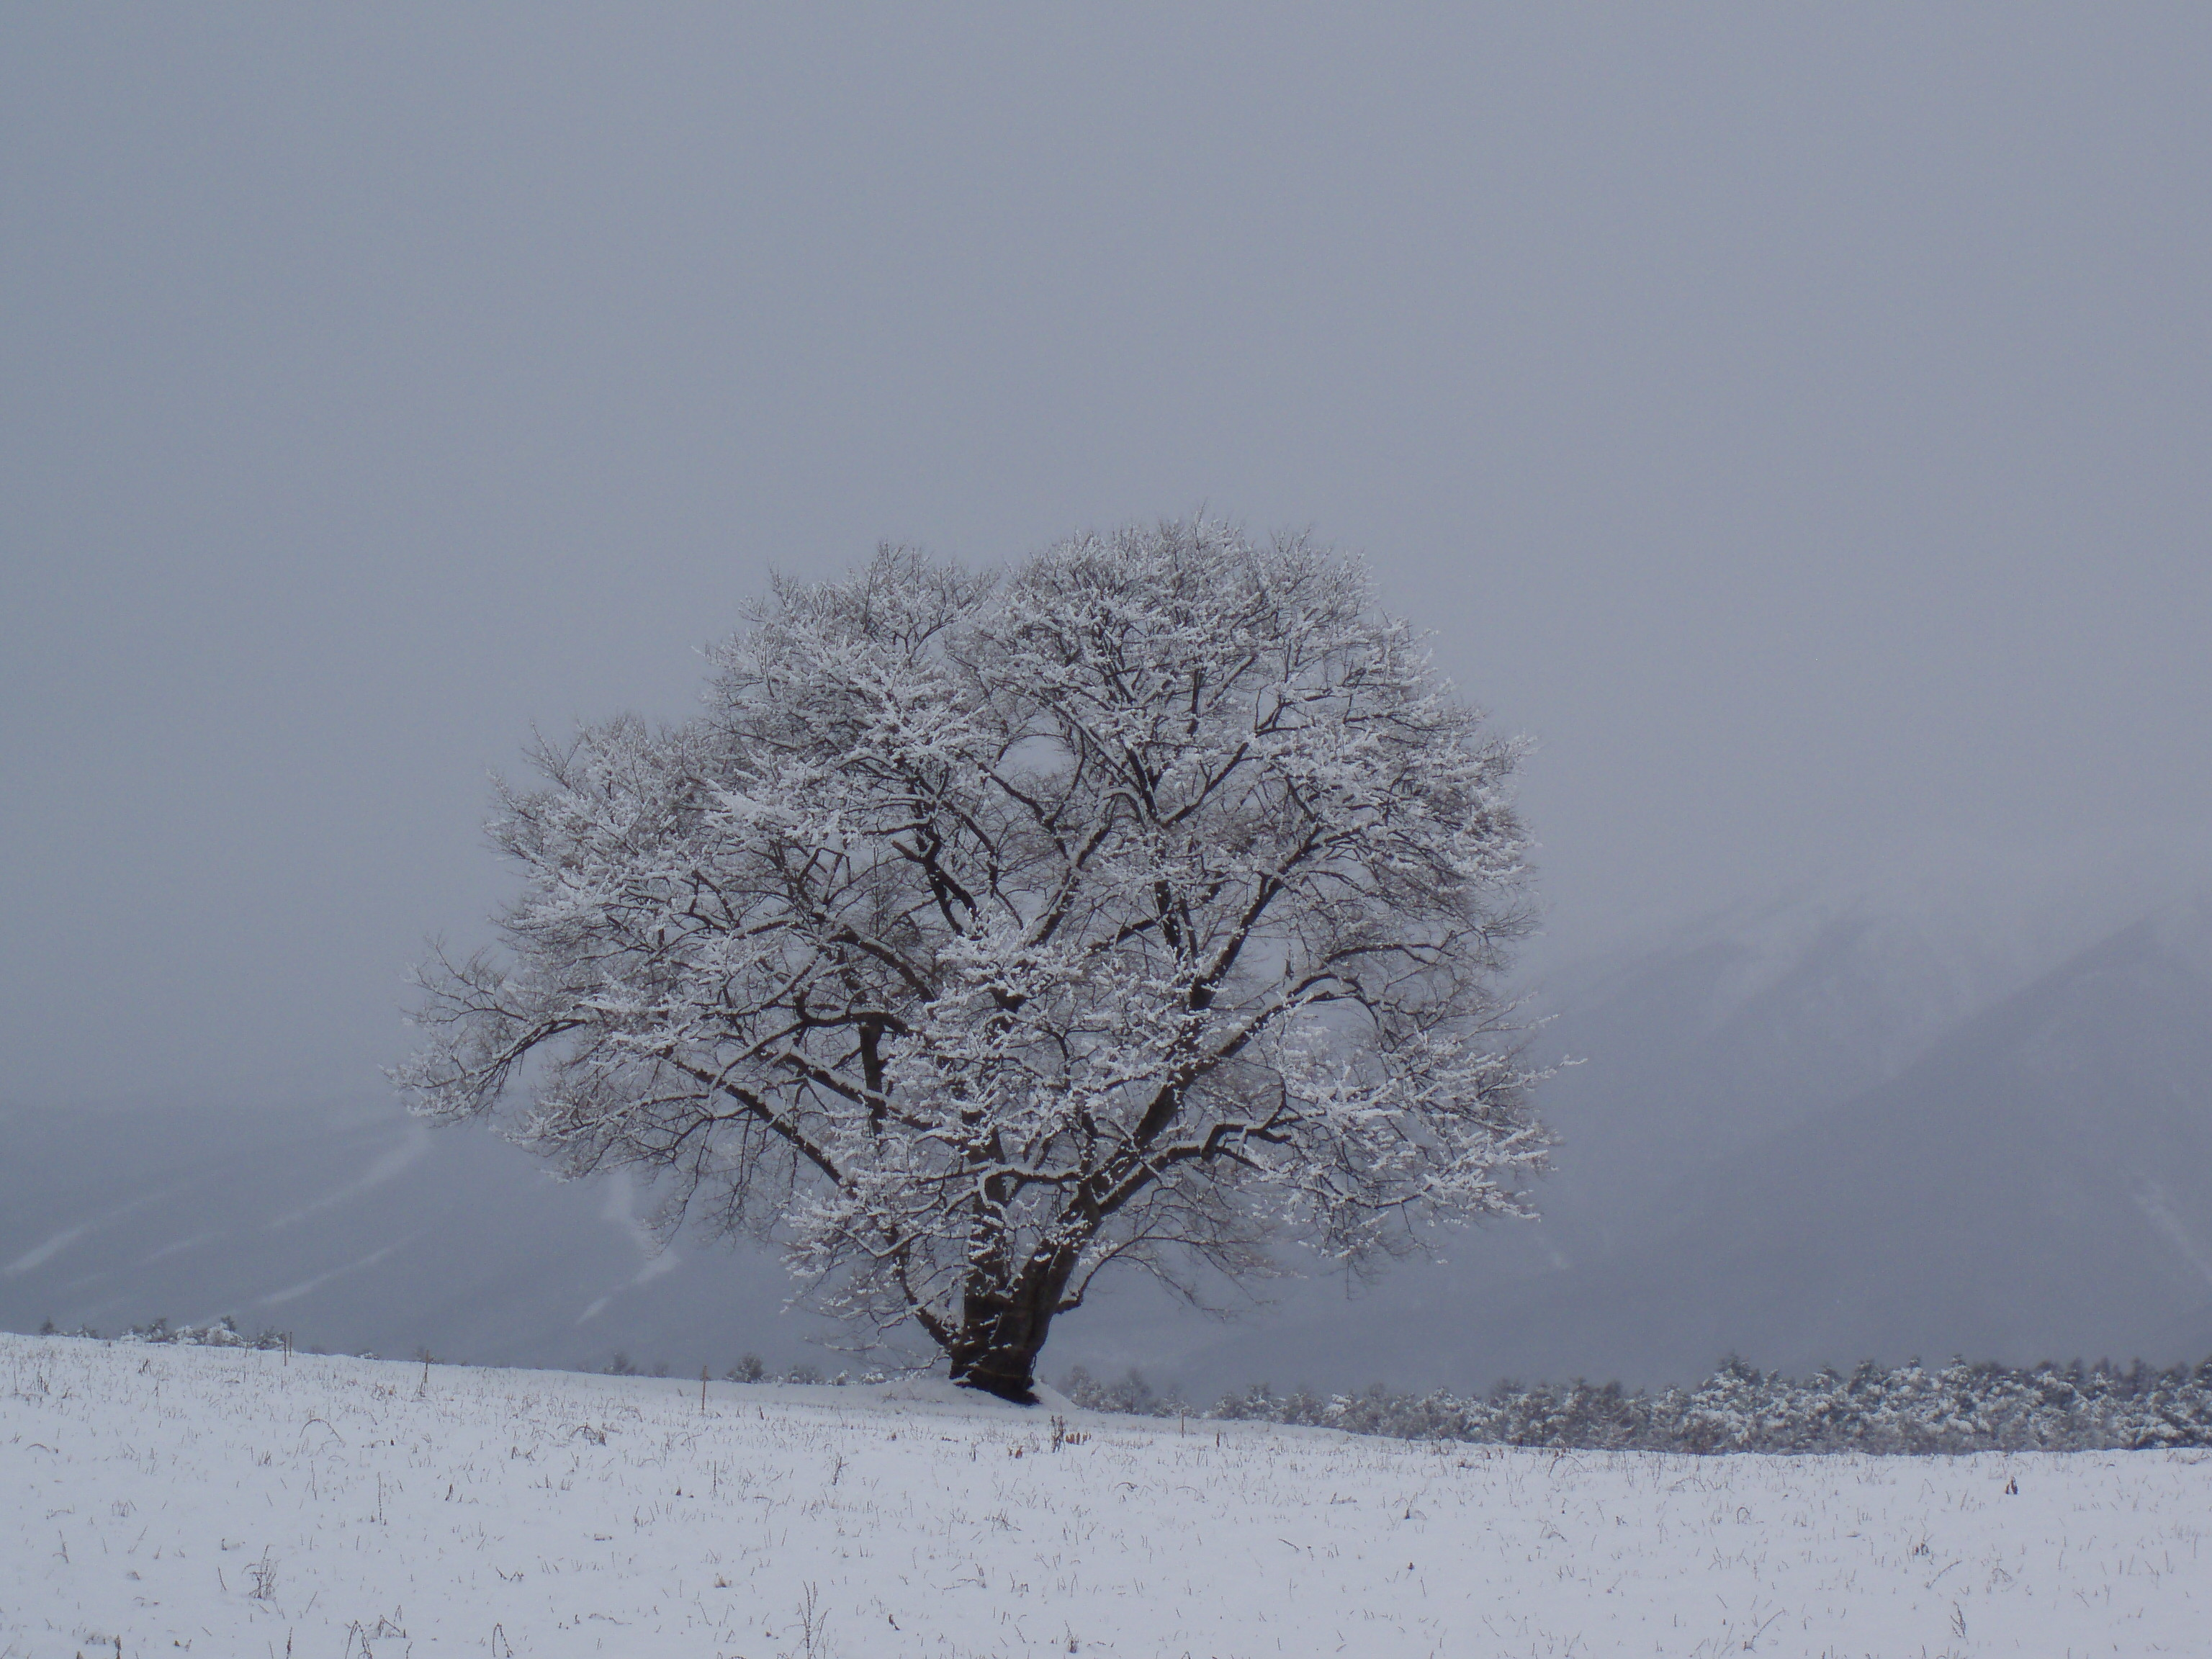 桜山公園(鬼石の冬桜)の地図アクセス・クチコミ …